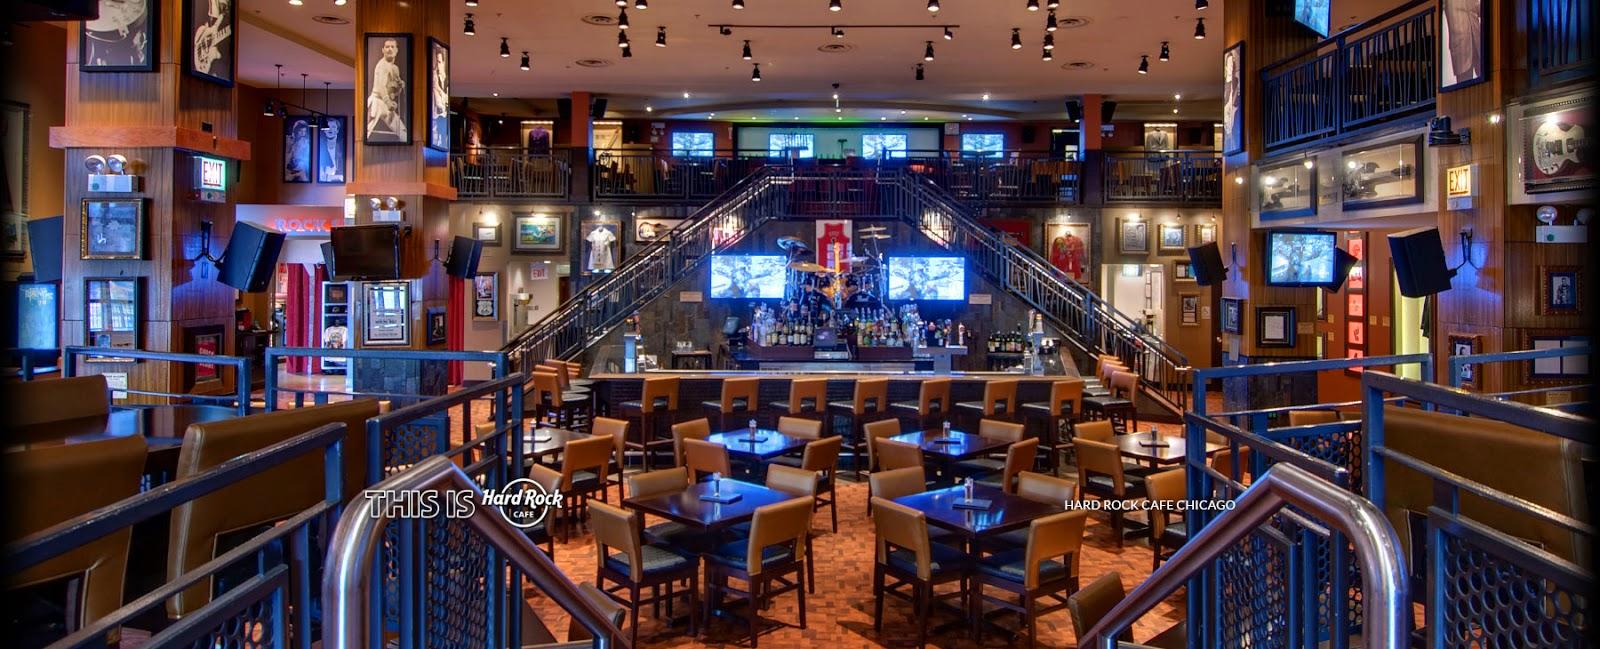 Hard Rock Cafe Foxwoods Facebook